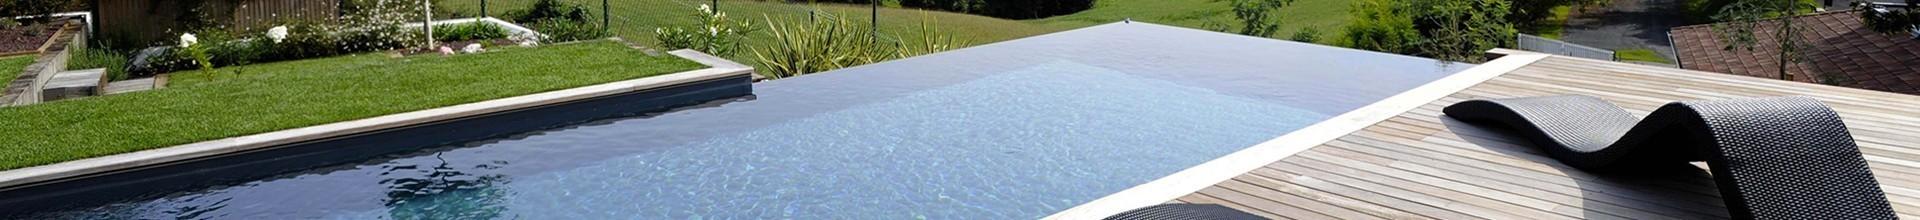 Direct usine, piscine coque prix Creuse